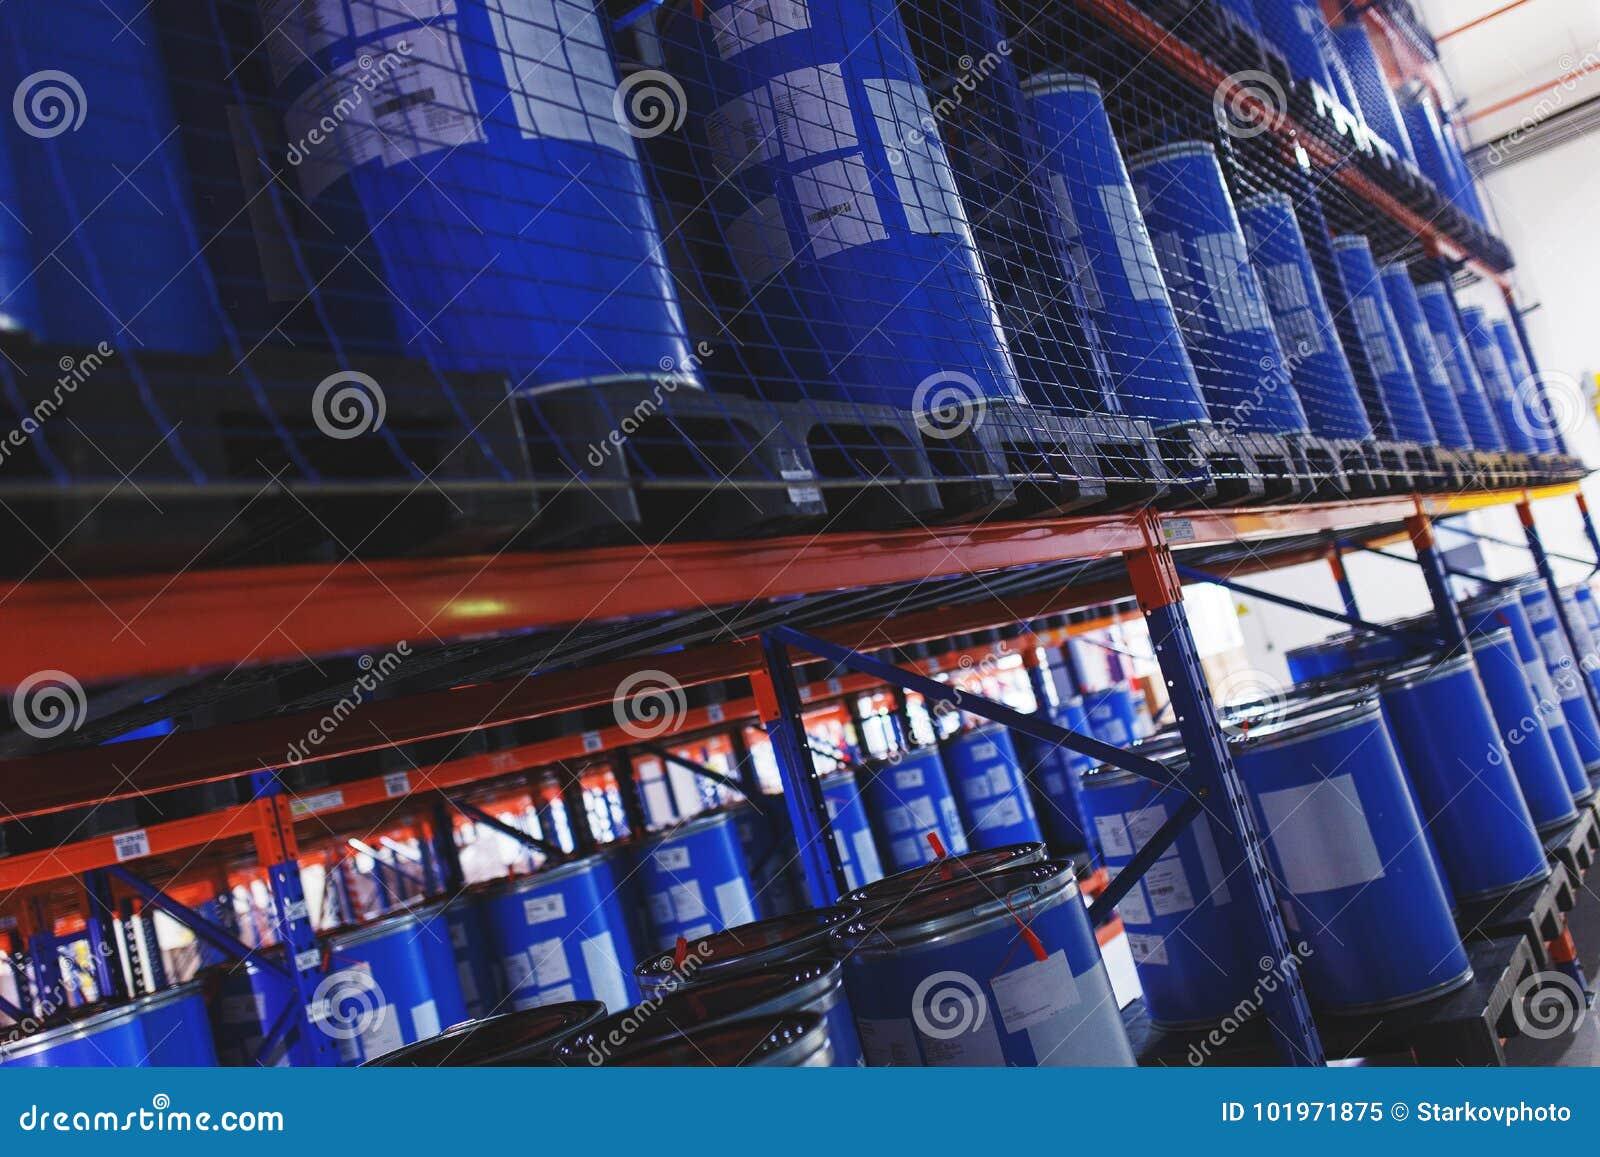 Système du stockage d adresse des produits, des matériaux et des marchandises dans un entrepôt barils en plastique bleus pour le